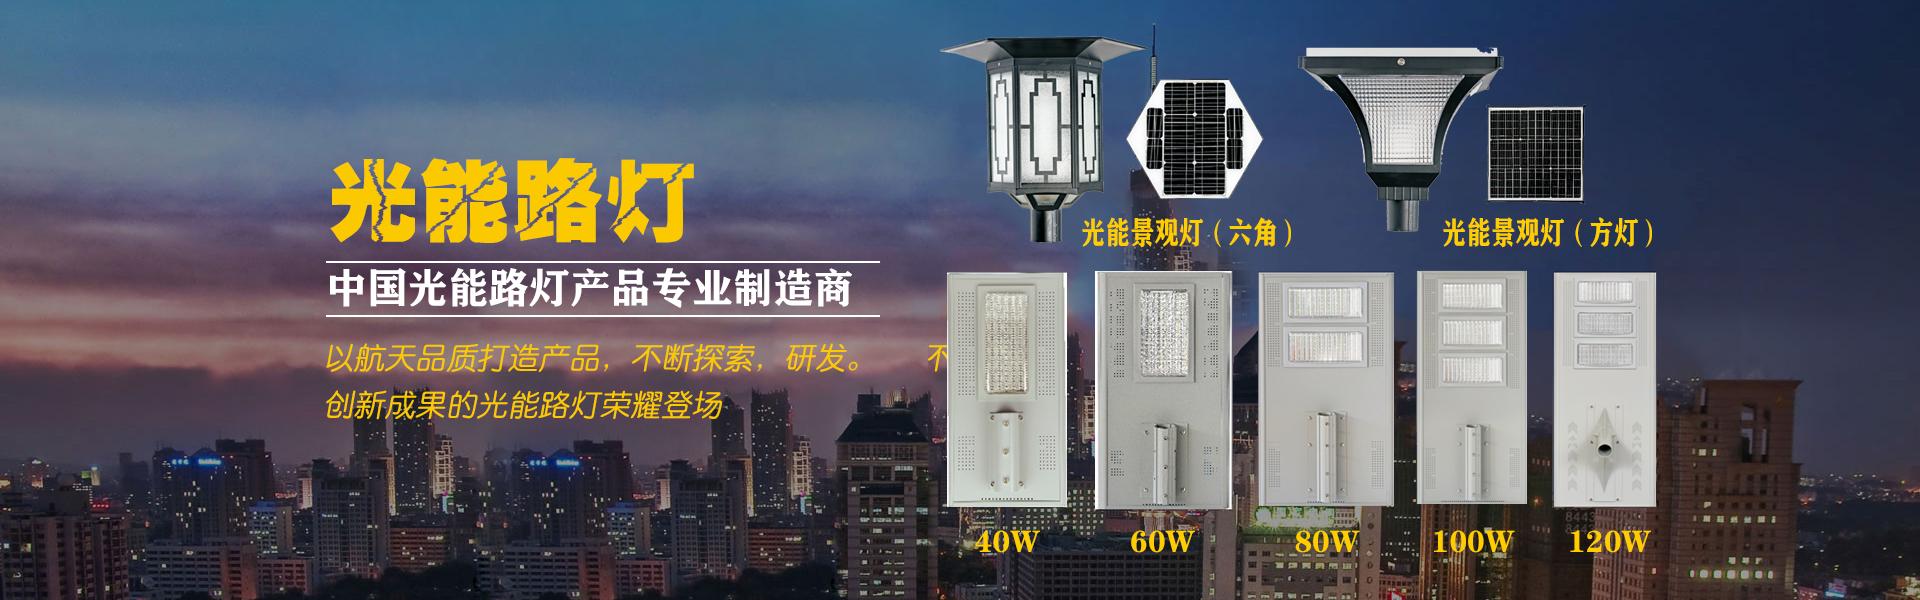 如何设置福建太阳能路灯的间距?